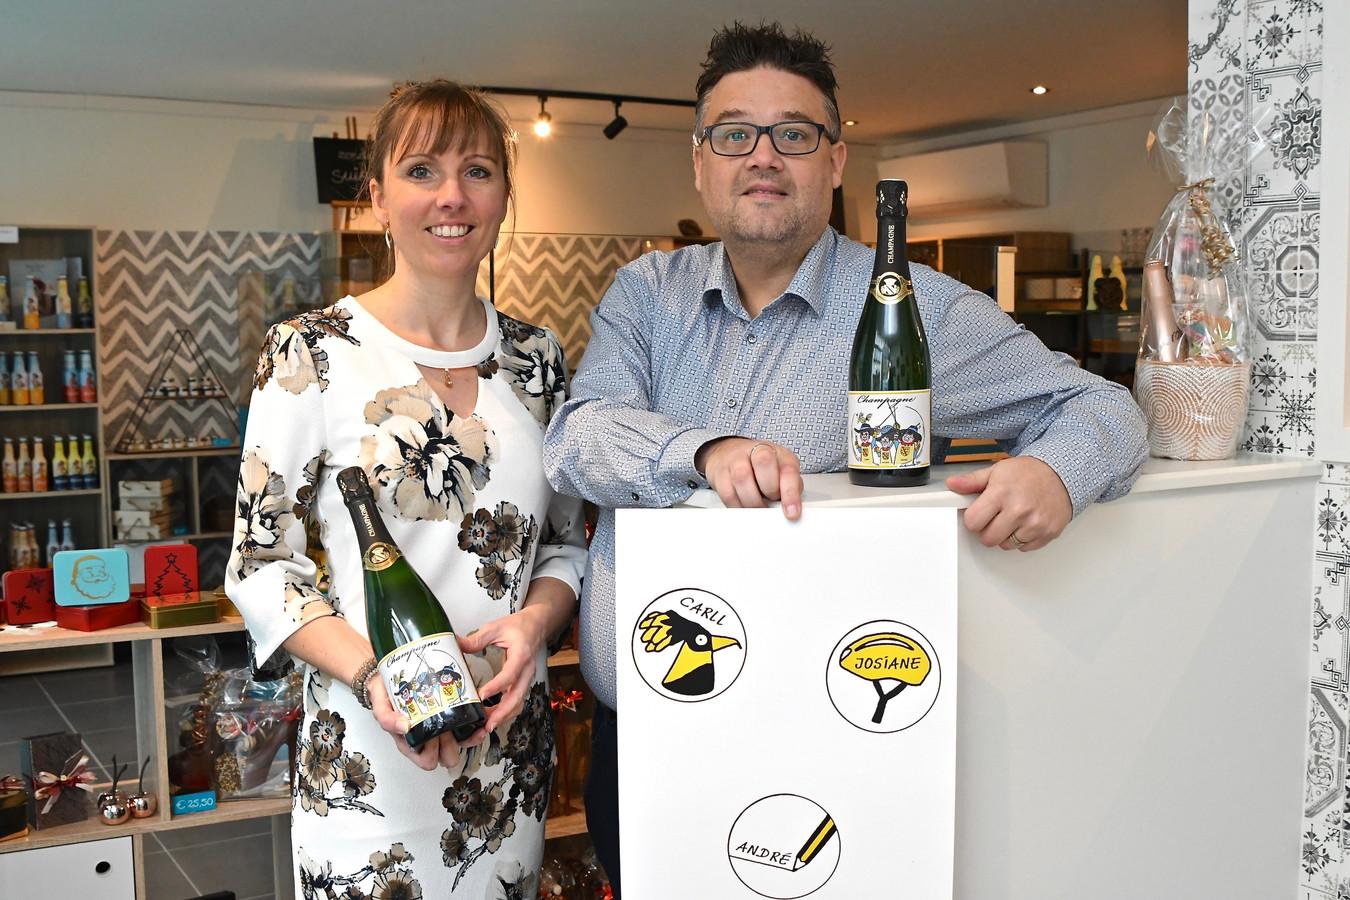 Zaakvoerster Kim Desmet en haar echtgenoot Sonny Ghesquière van Chicolat verkopen een exclusieve champagne.